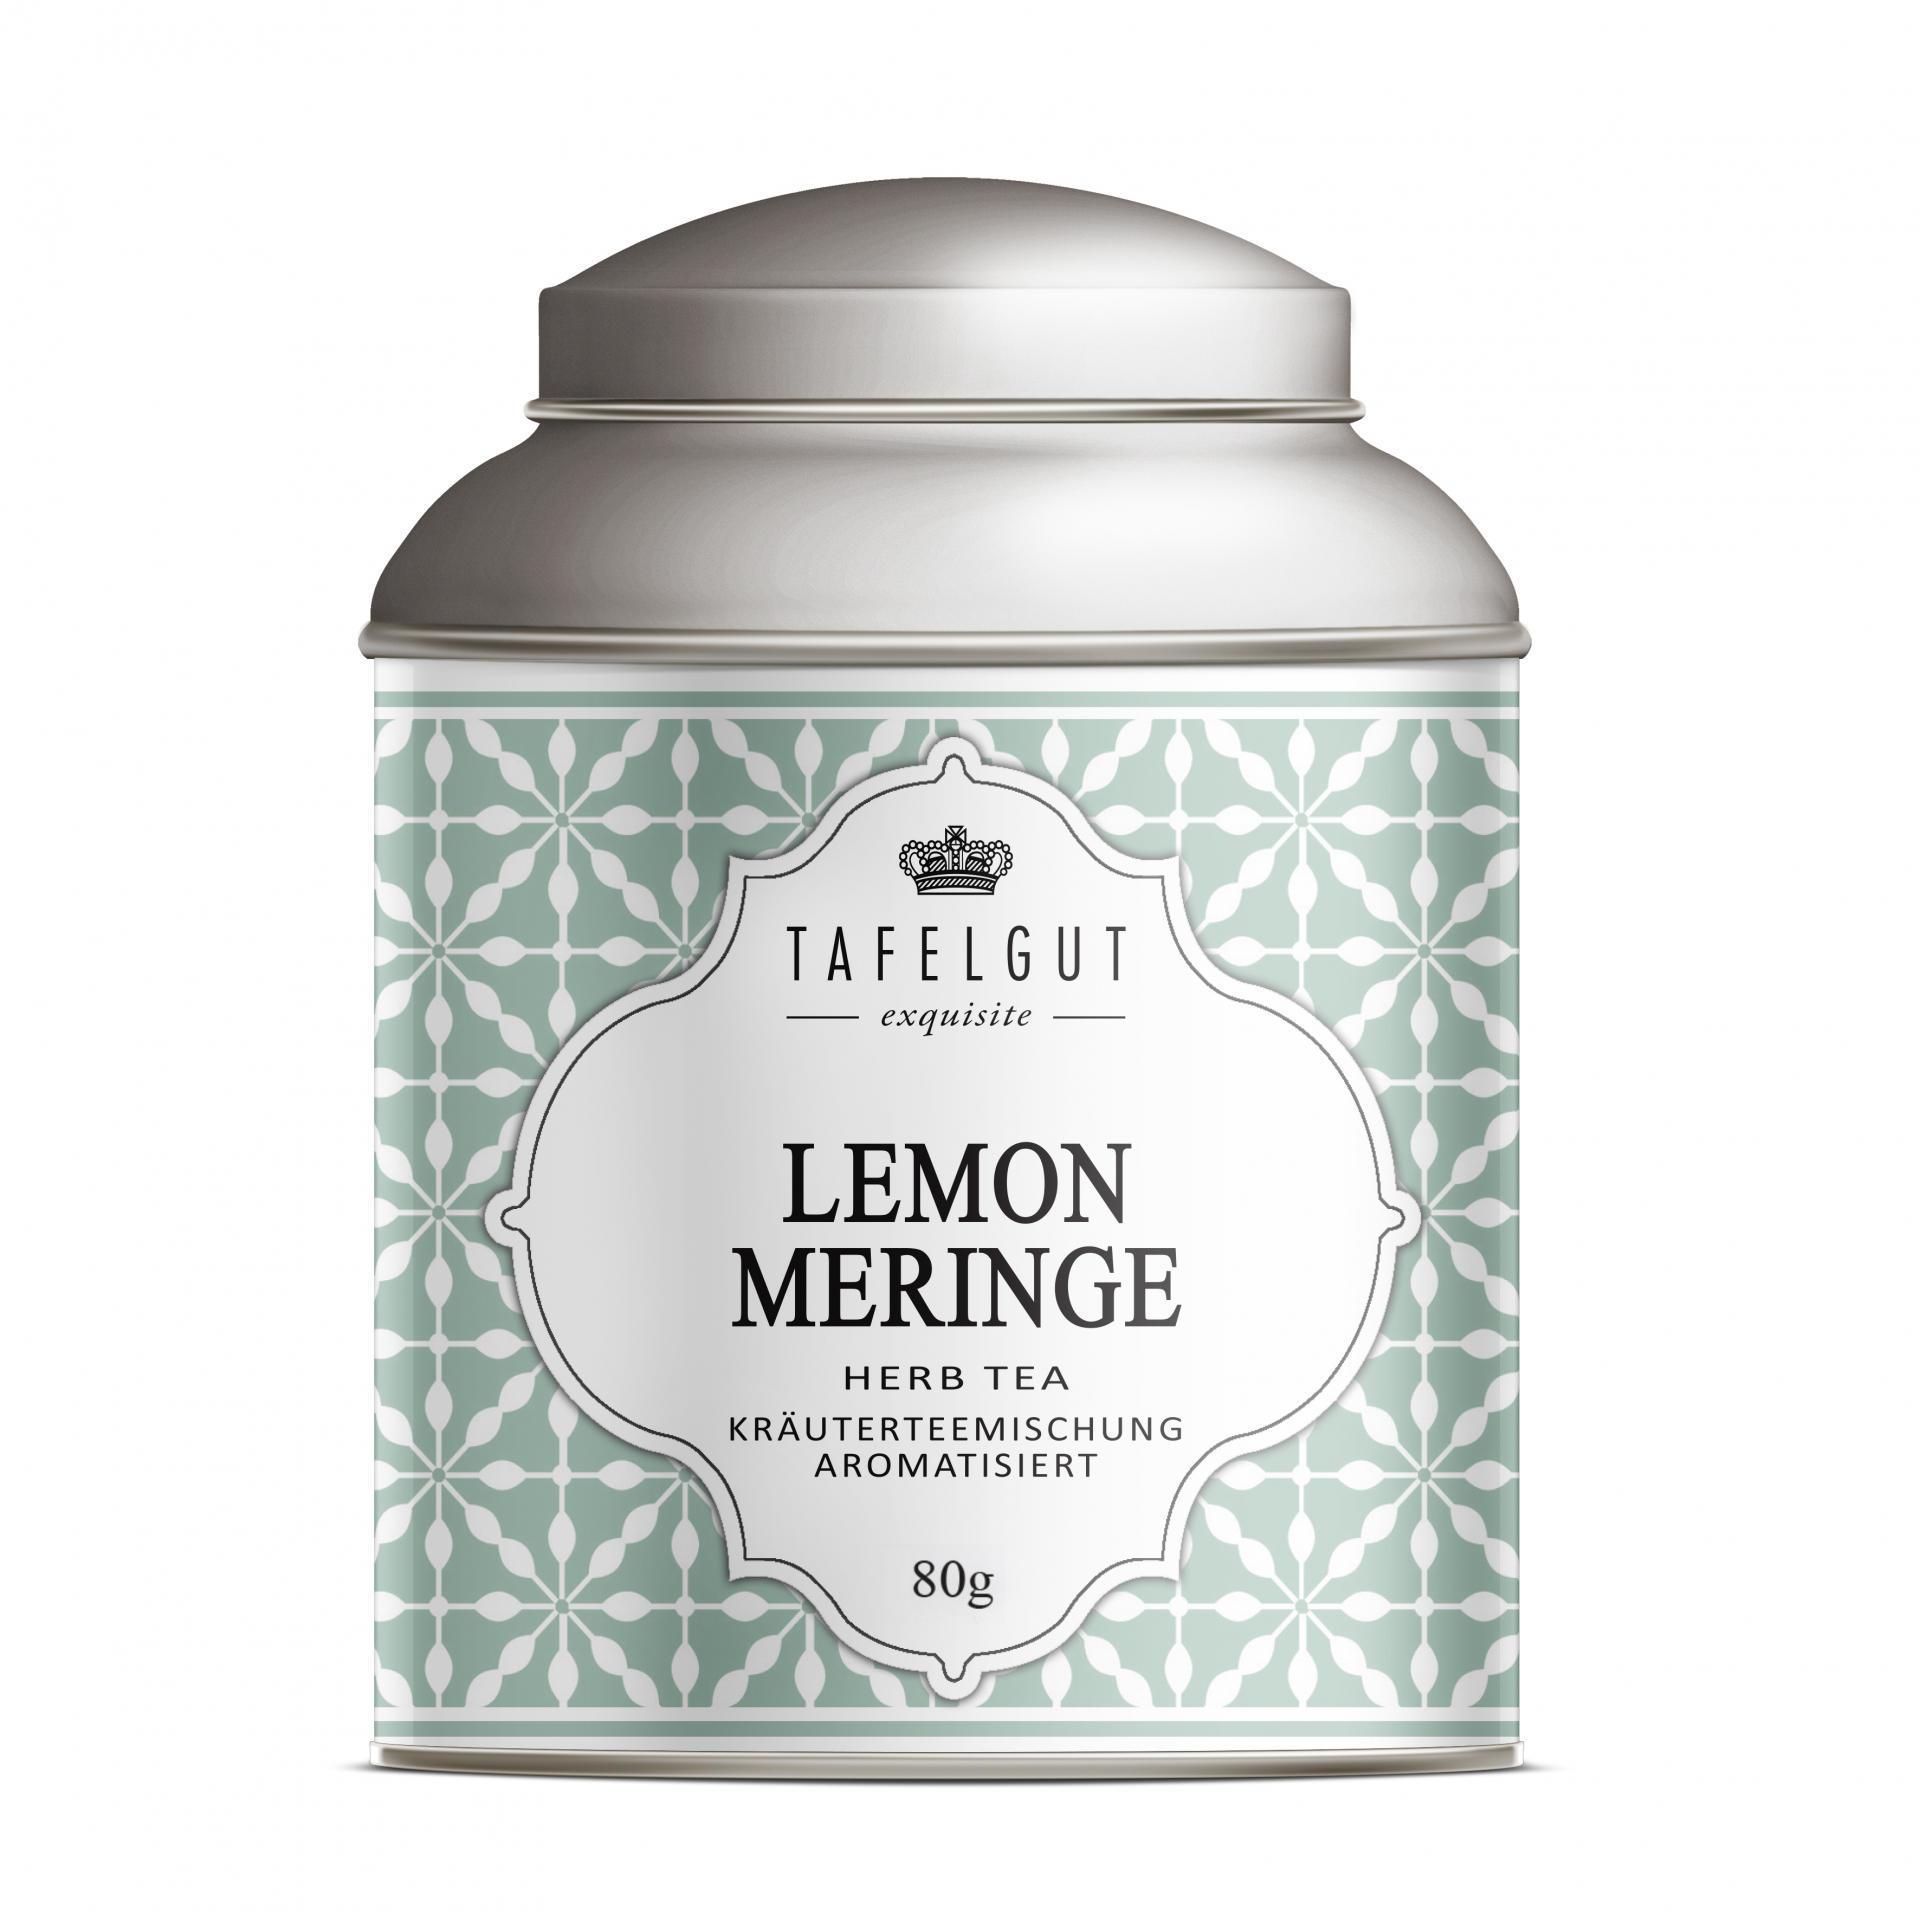 TAFELGUT Bylinný čaj Lemon Meringe - 80gr